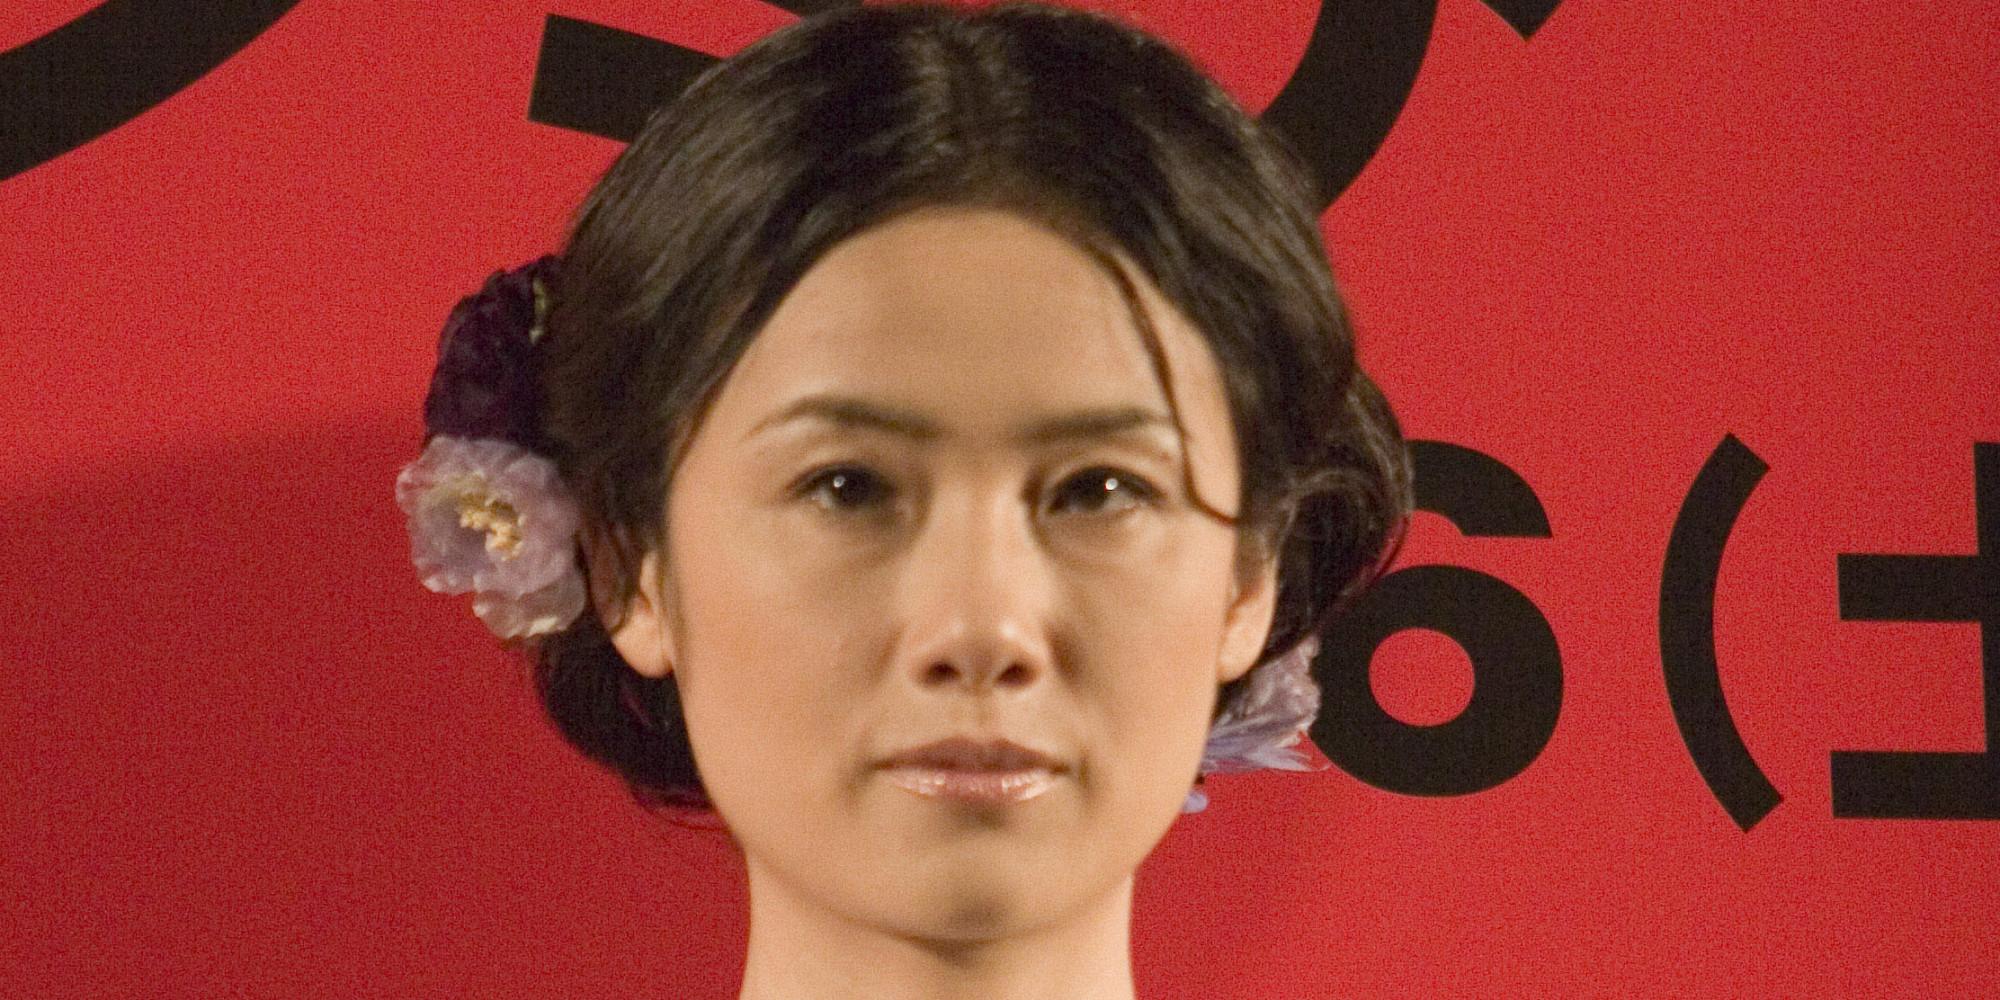 ドラマ「紙の月」に主演の原田知世 物静かな横顔に、年を重ねる複雑さと奥深...  シェア  ドラ